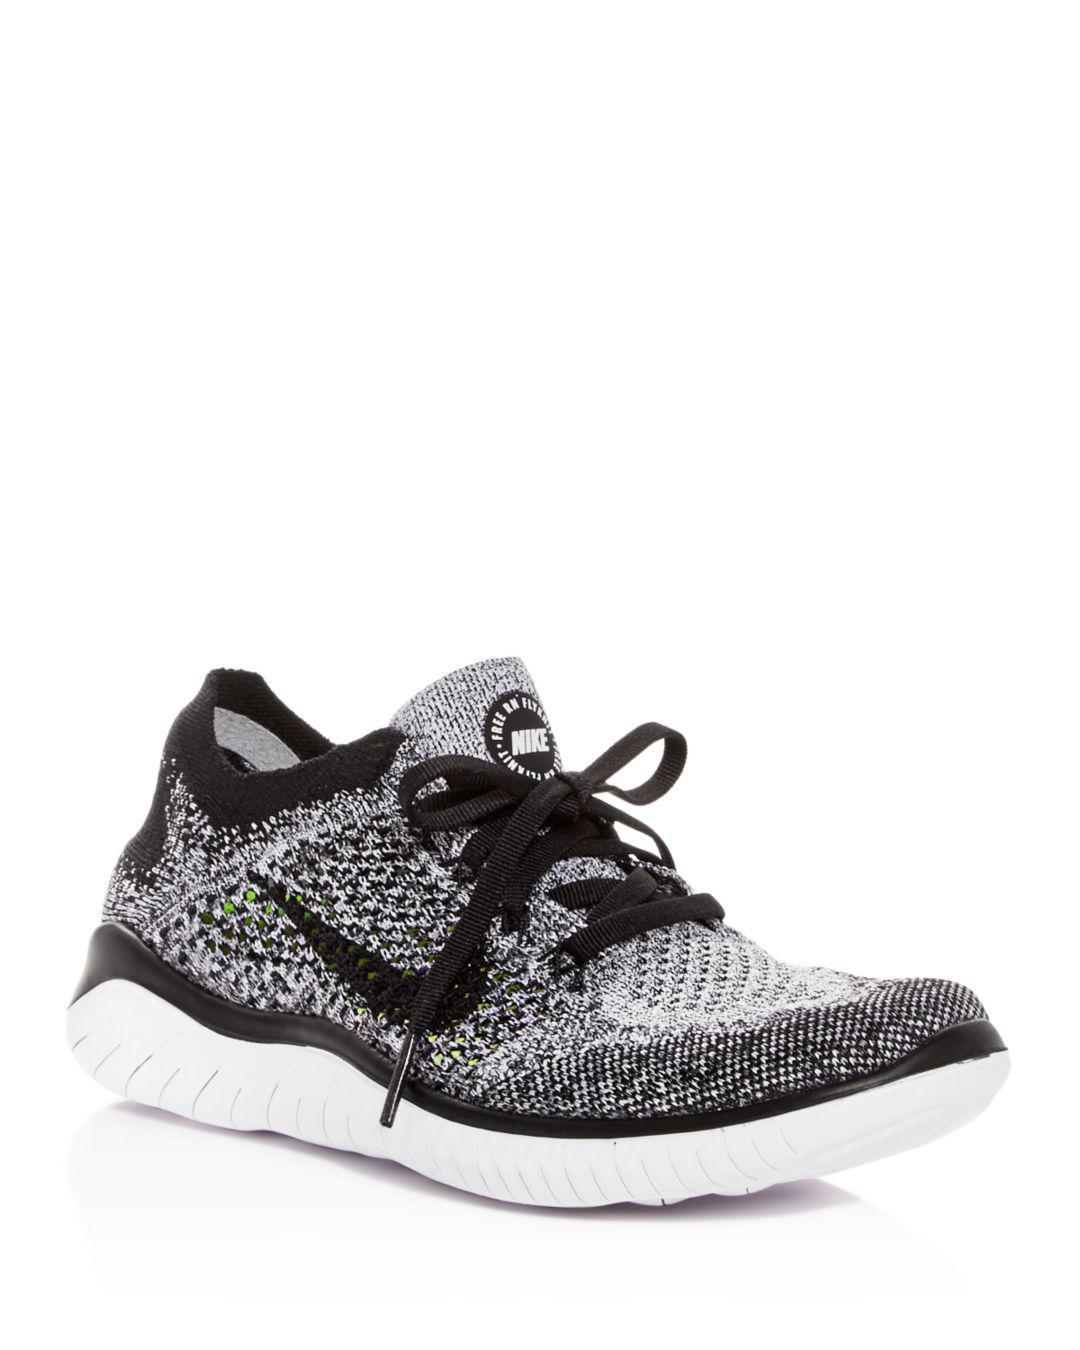 770829a90771 Lyst - Nike Women s Free Rn Flyknit 2018 Lace Up Sneakers in Black ...